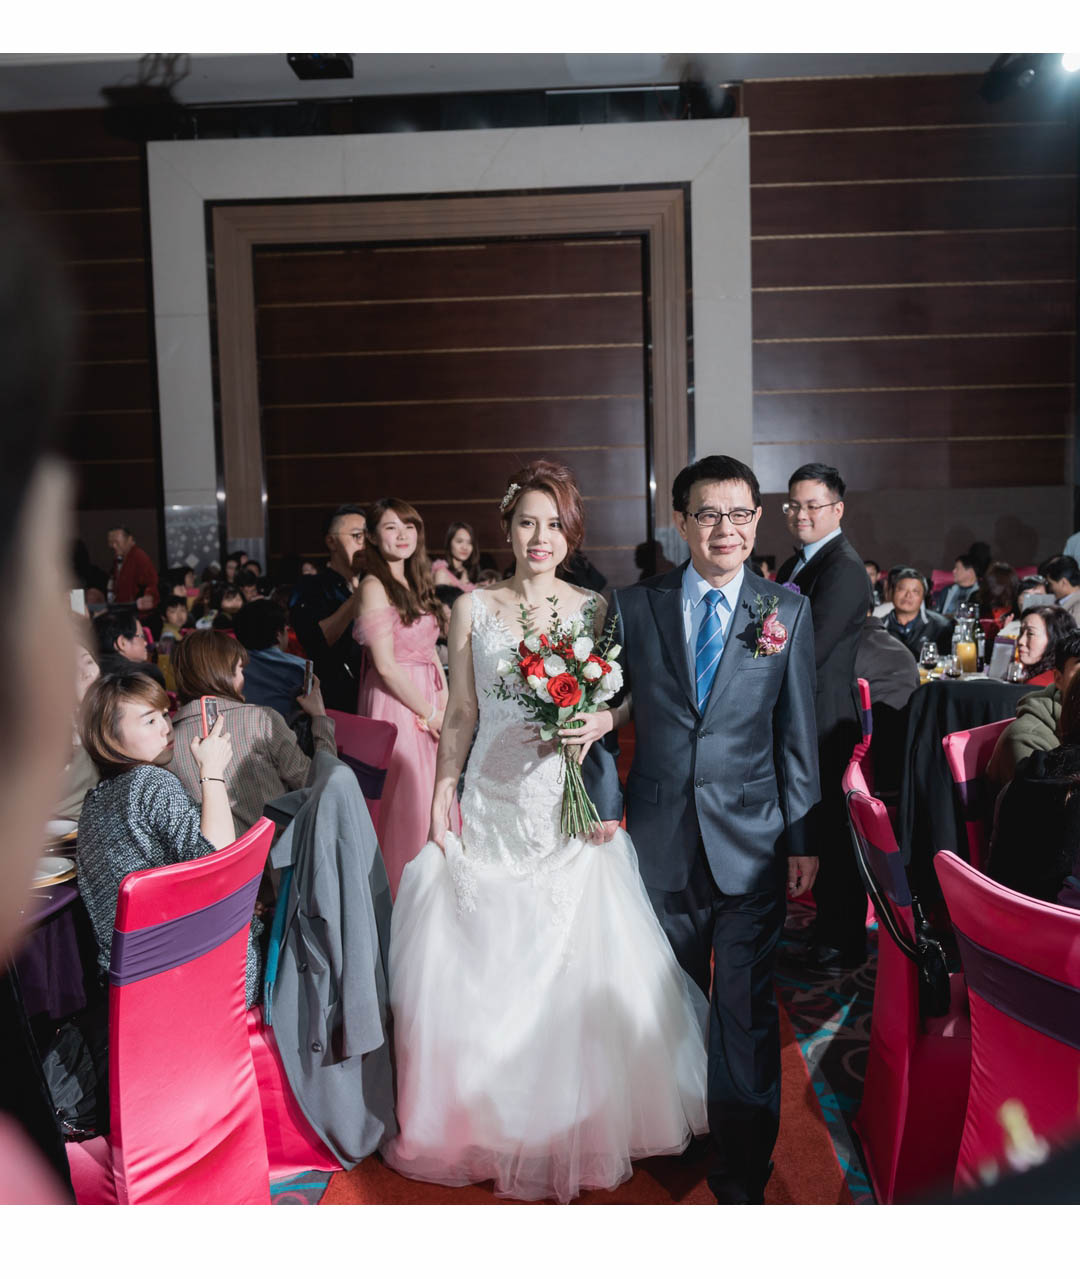 婚攝推薦,婚攝,judy jasmine makeup,藤井映畫婚禮錄影,維多麗亞酒店